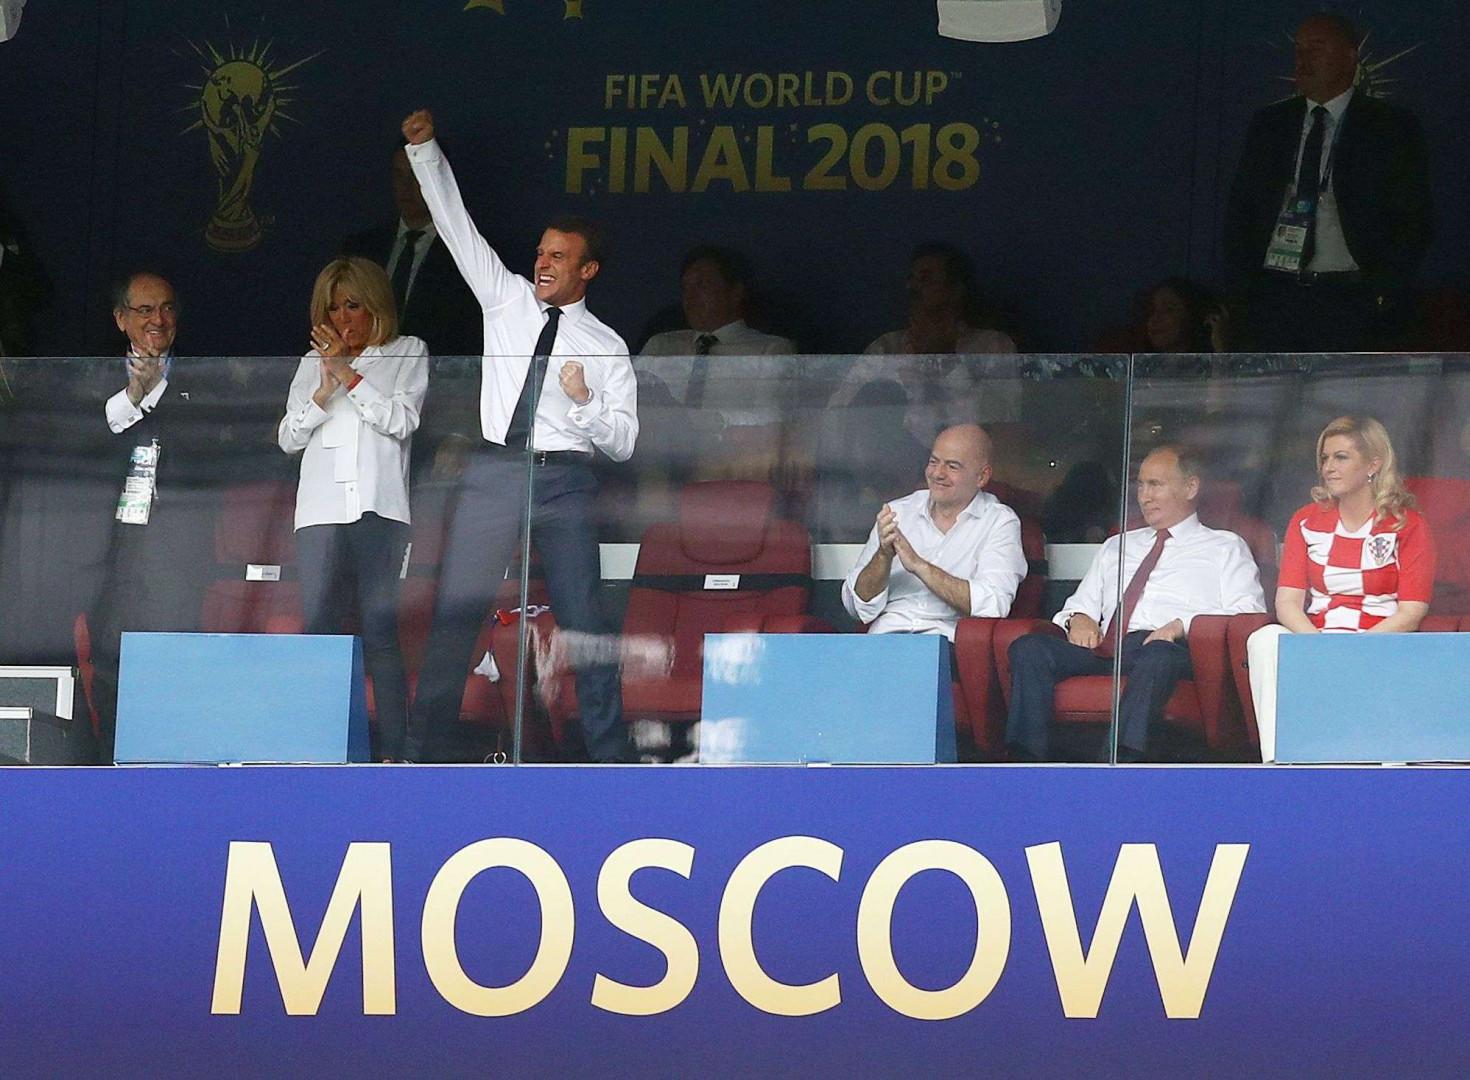 Emmanuel Macron dans les tribunes du stade Loujniki, lors de la finale du Mondial, France-Croatie, le 15 juillet 2018, à Moscou.